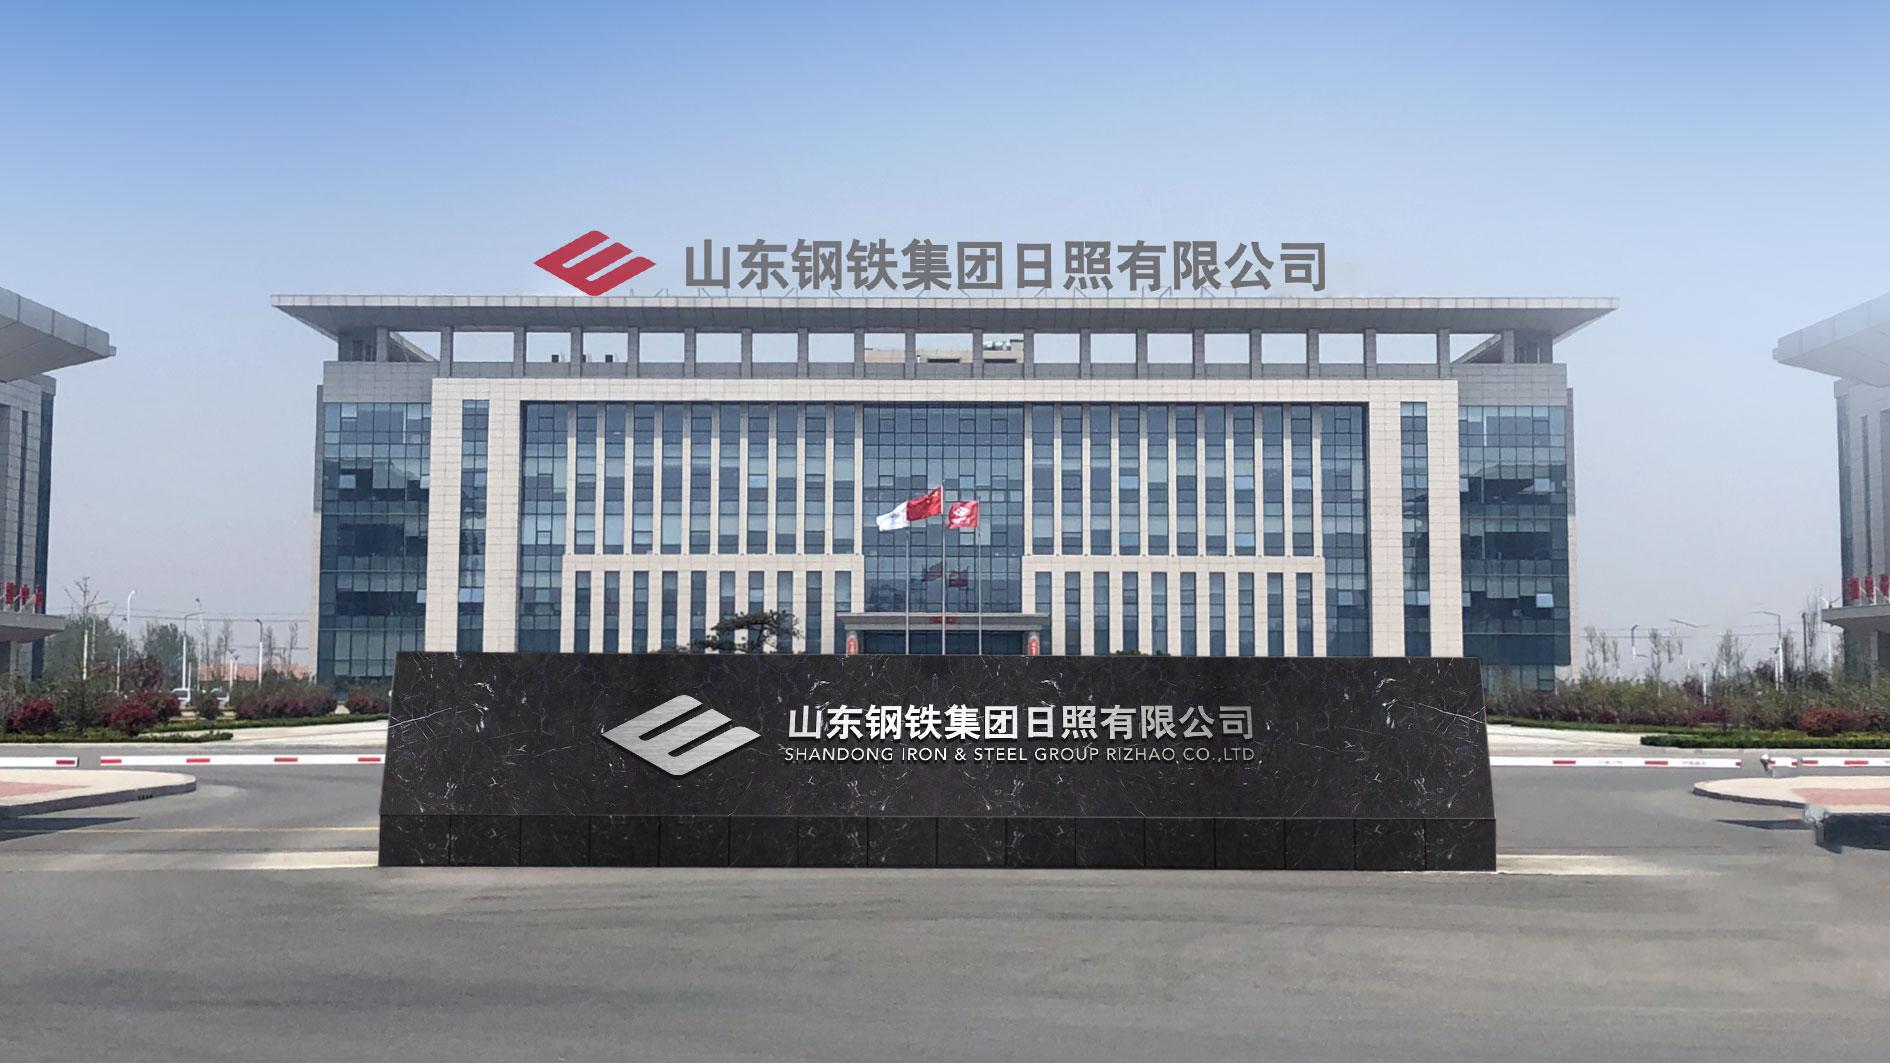 山东钢铁集团日照有限公司VI系统设计